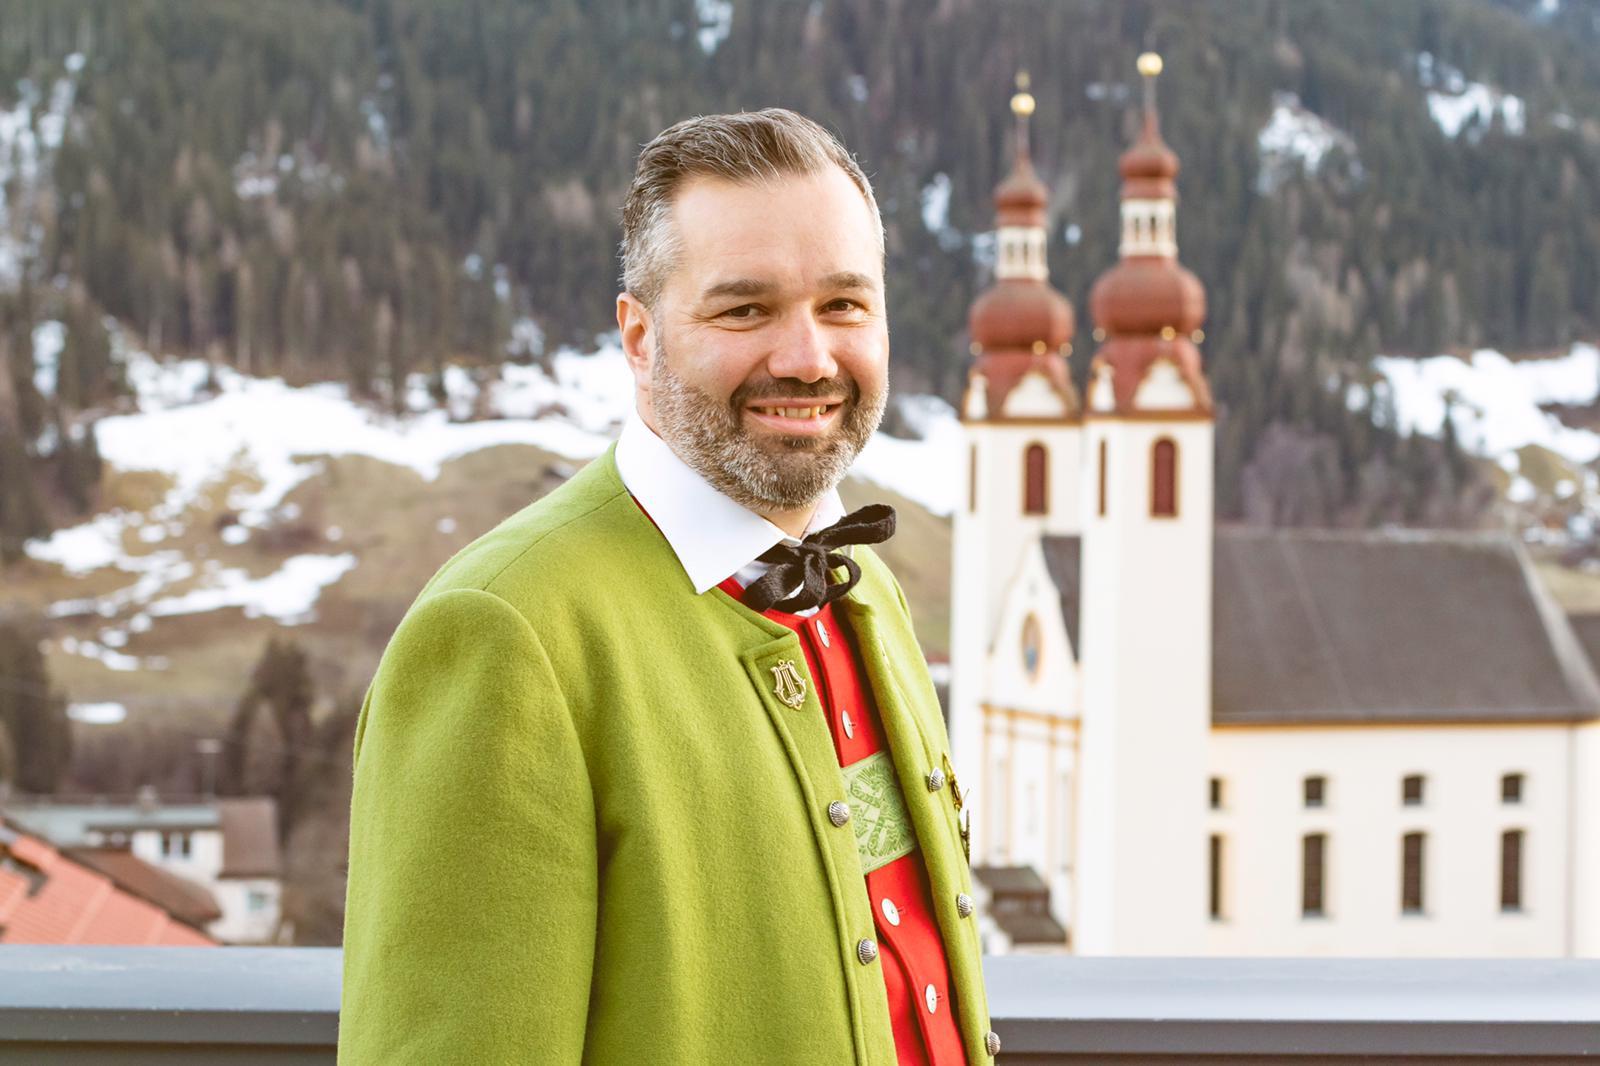 Franz Gigele